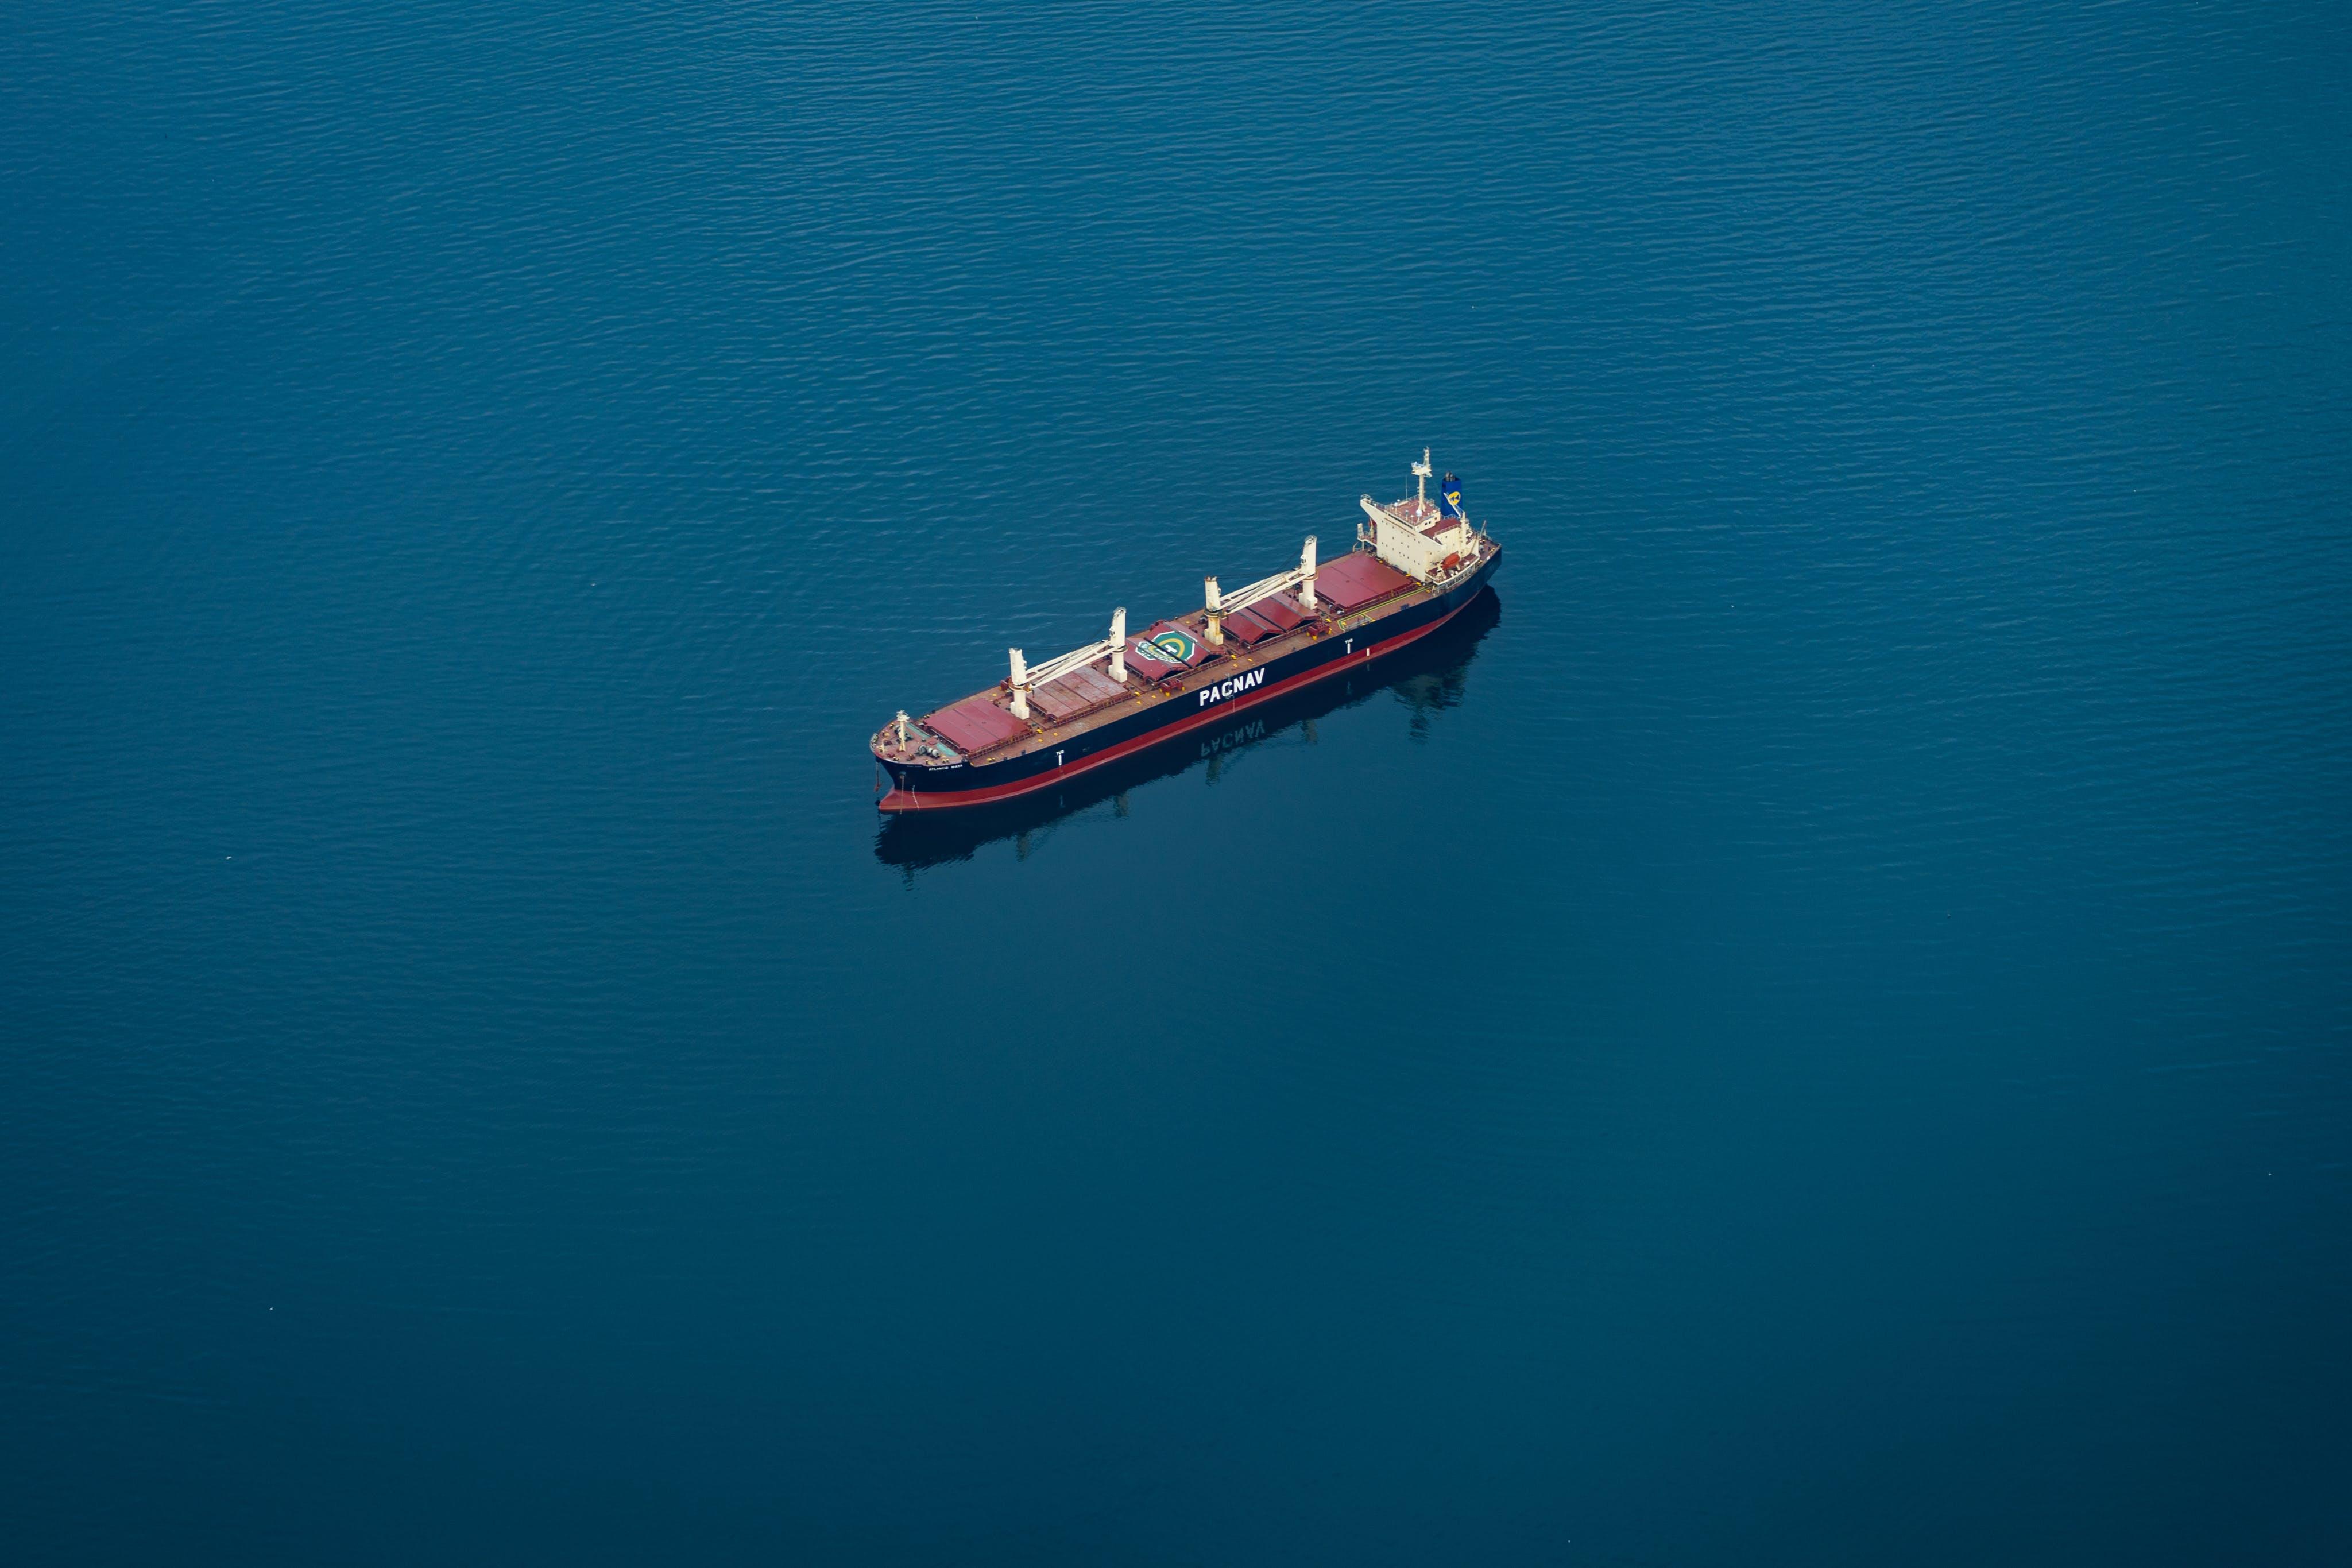 Kostnadsfri bild av antenn, båt, blå, Flygfotografering